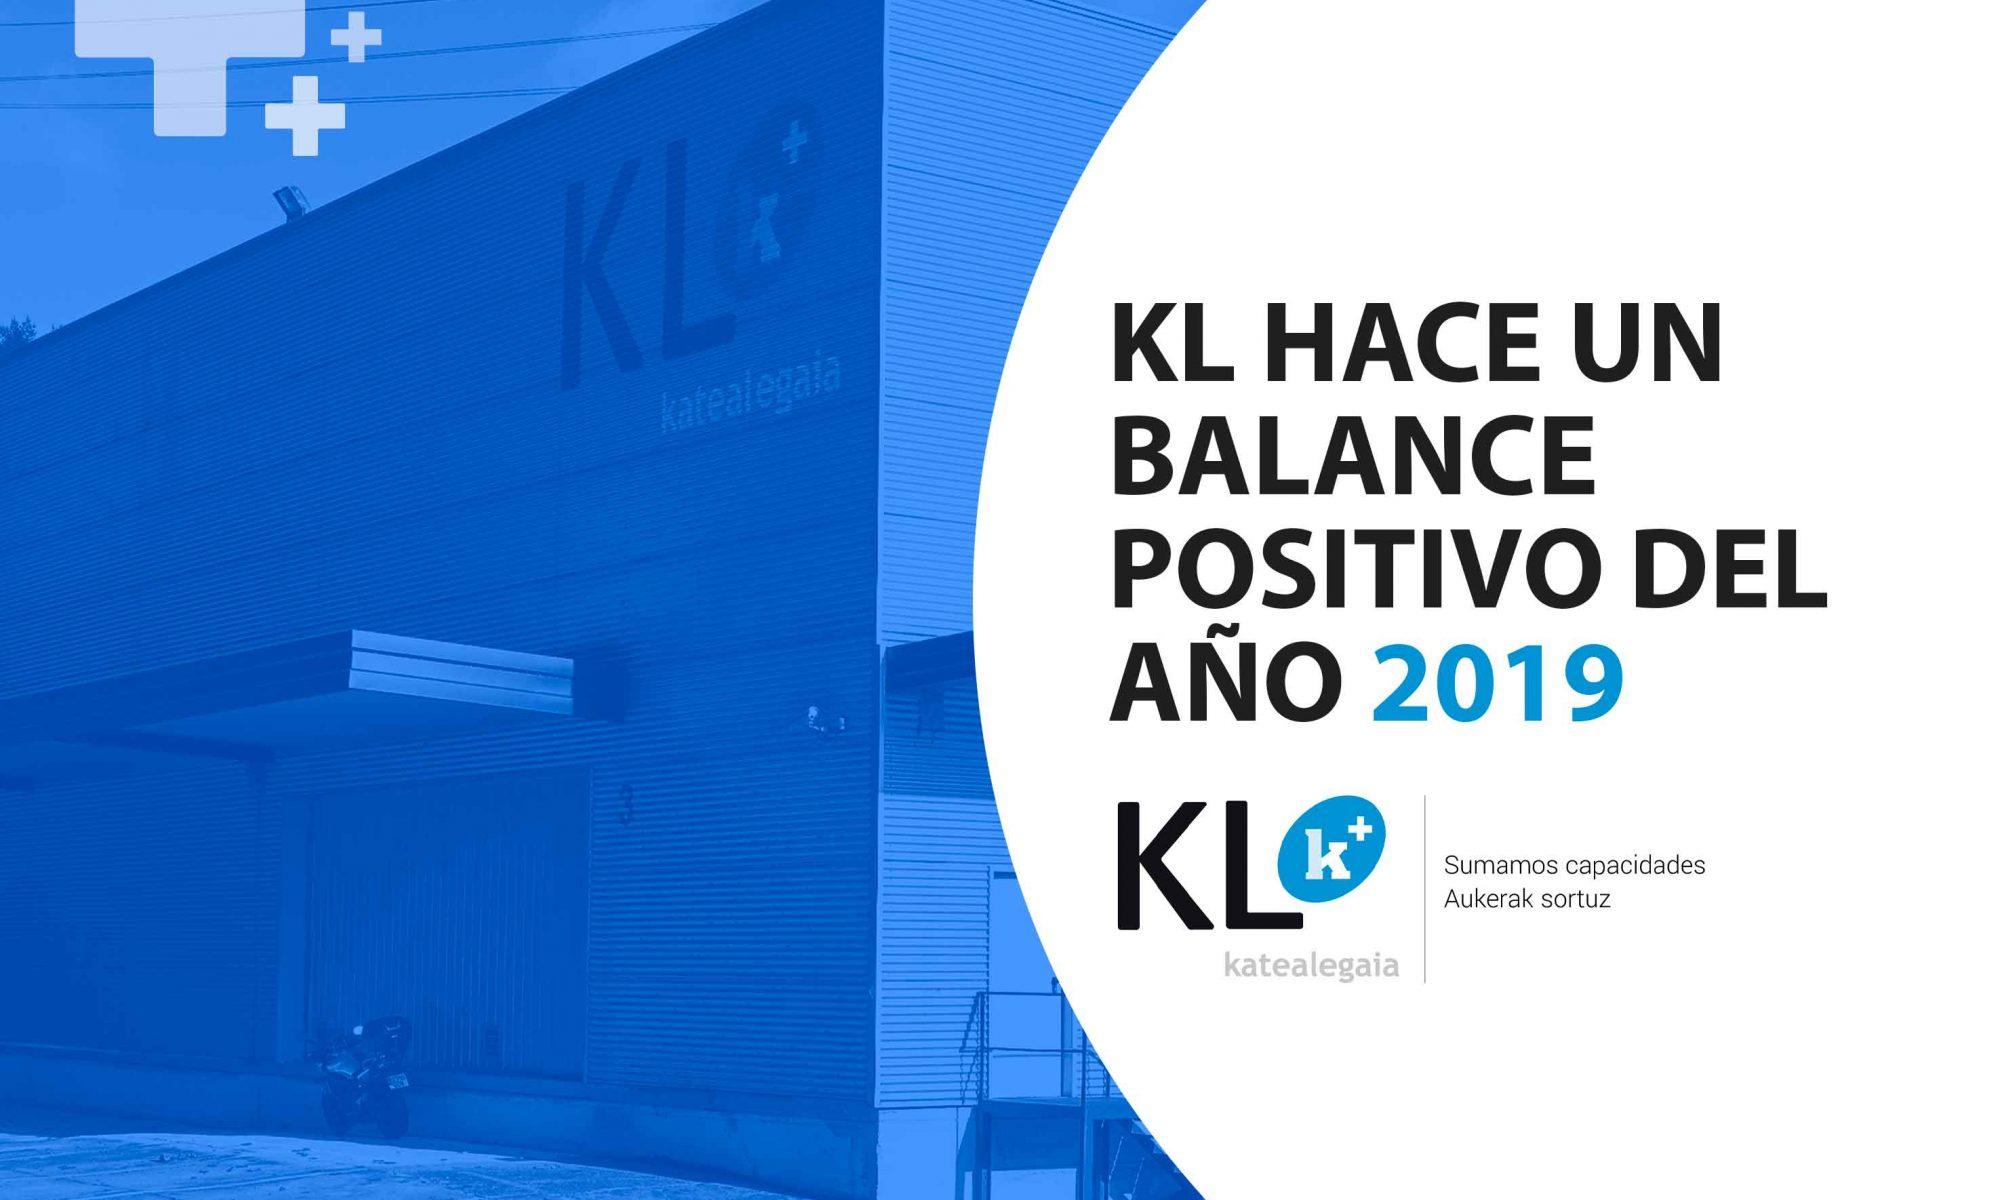 KL hace un balance positivo del año 2019